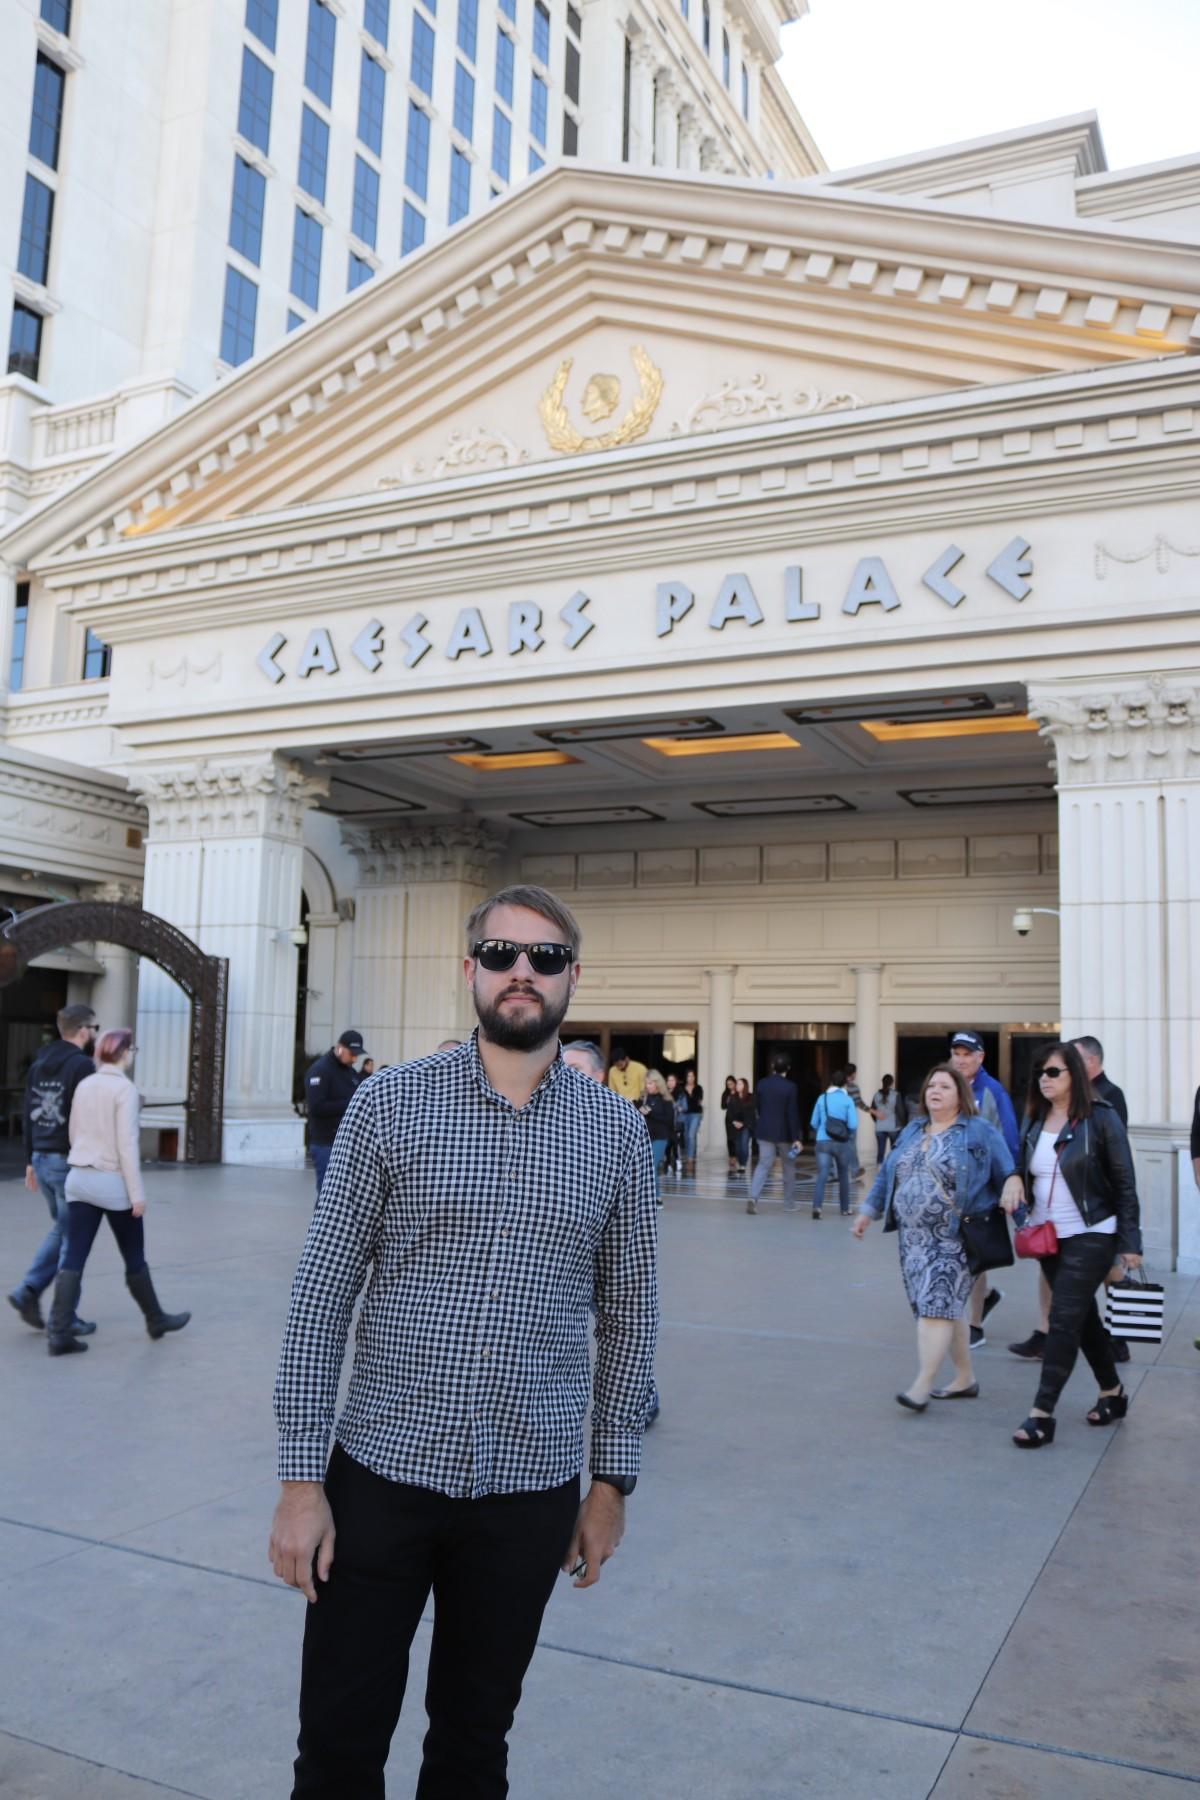 Las Vegas Caesar Palace